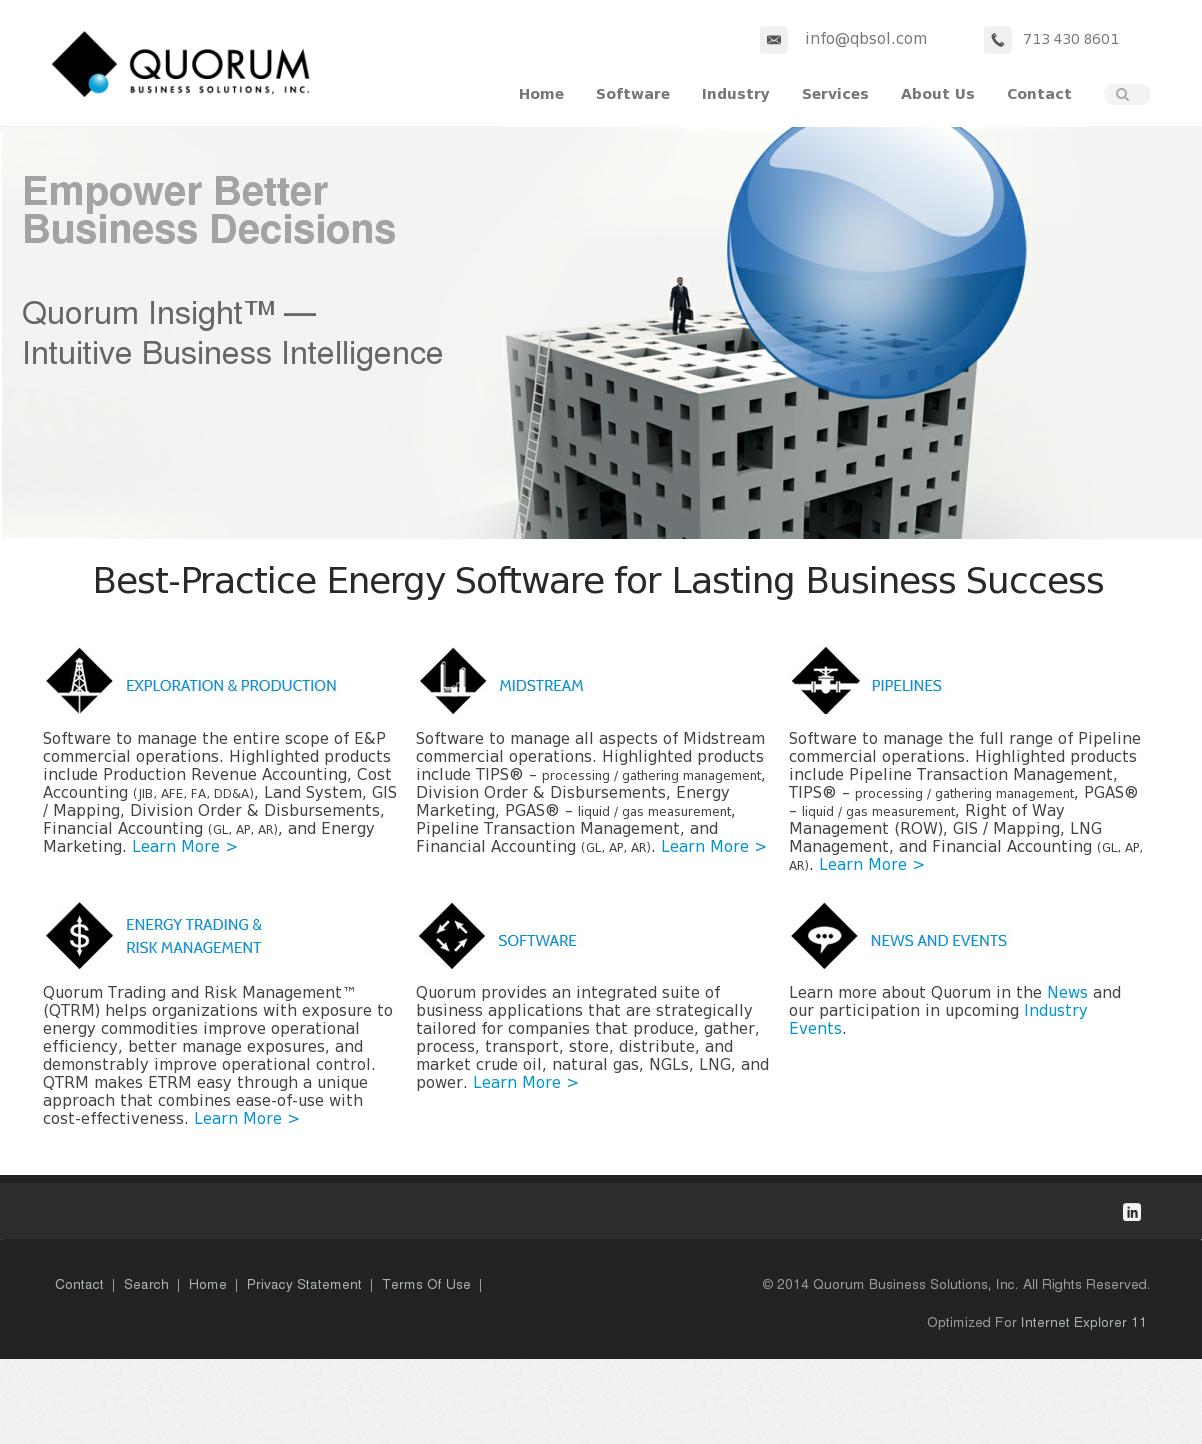 Quorum Business Solutions